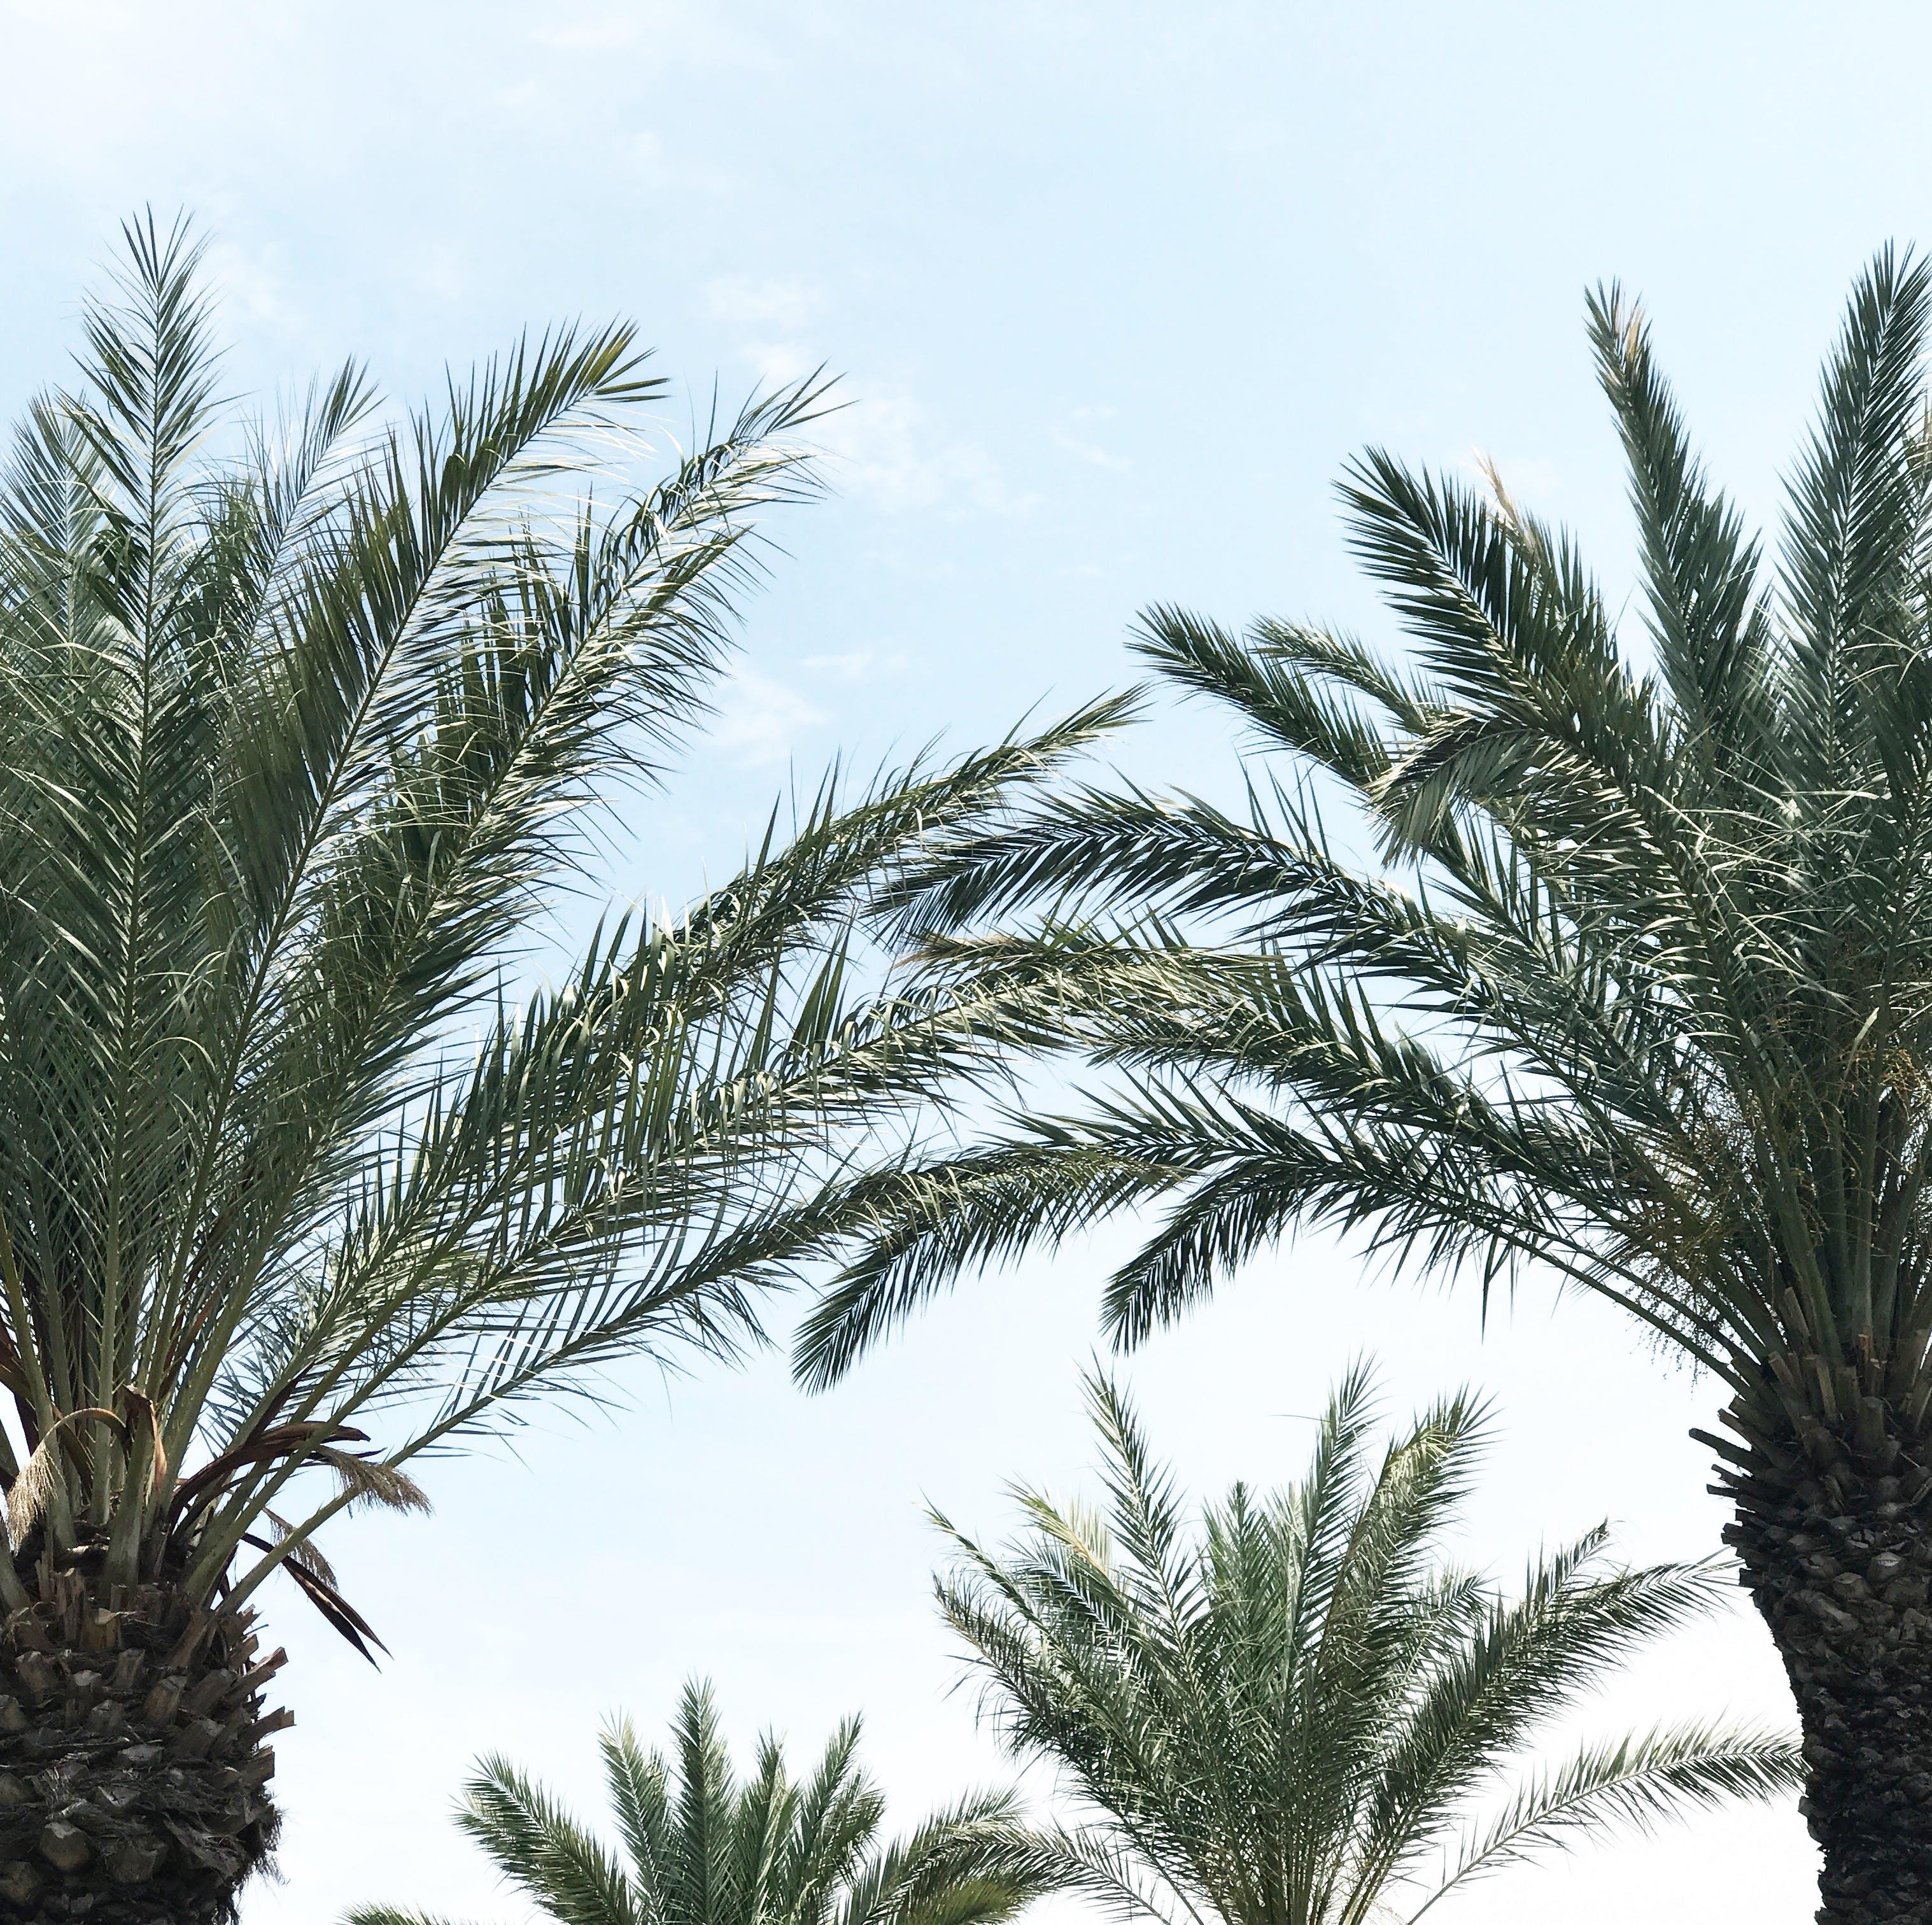 คลังภาพถ่ายฟรี ของ ต้นปาล์ม, ต้นไม้, ท้องฟ้า, เขตร้อน